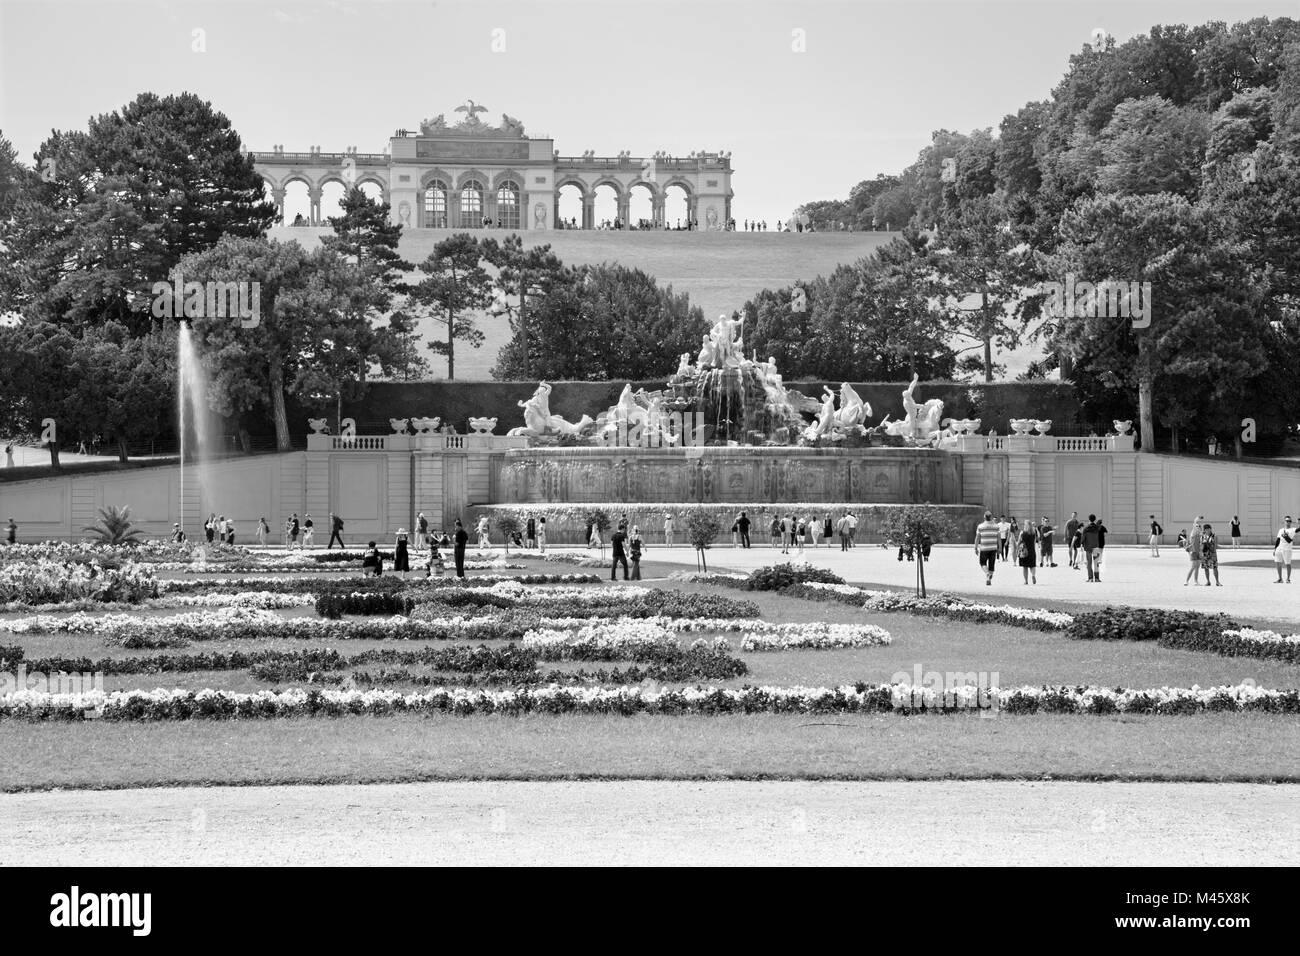 VIENNA, Austria - 30 luglio 2014: il castello di Schonbrunn - Gloriette e giardino e la fontana di Nettuno. Immagini Stock